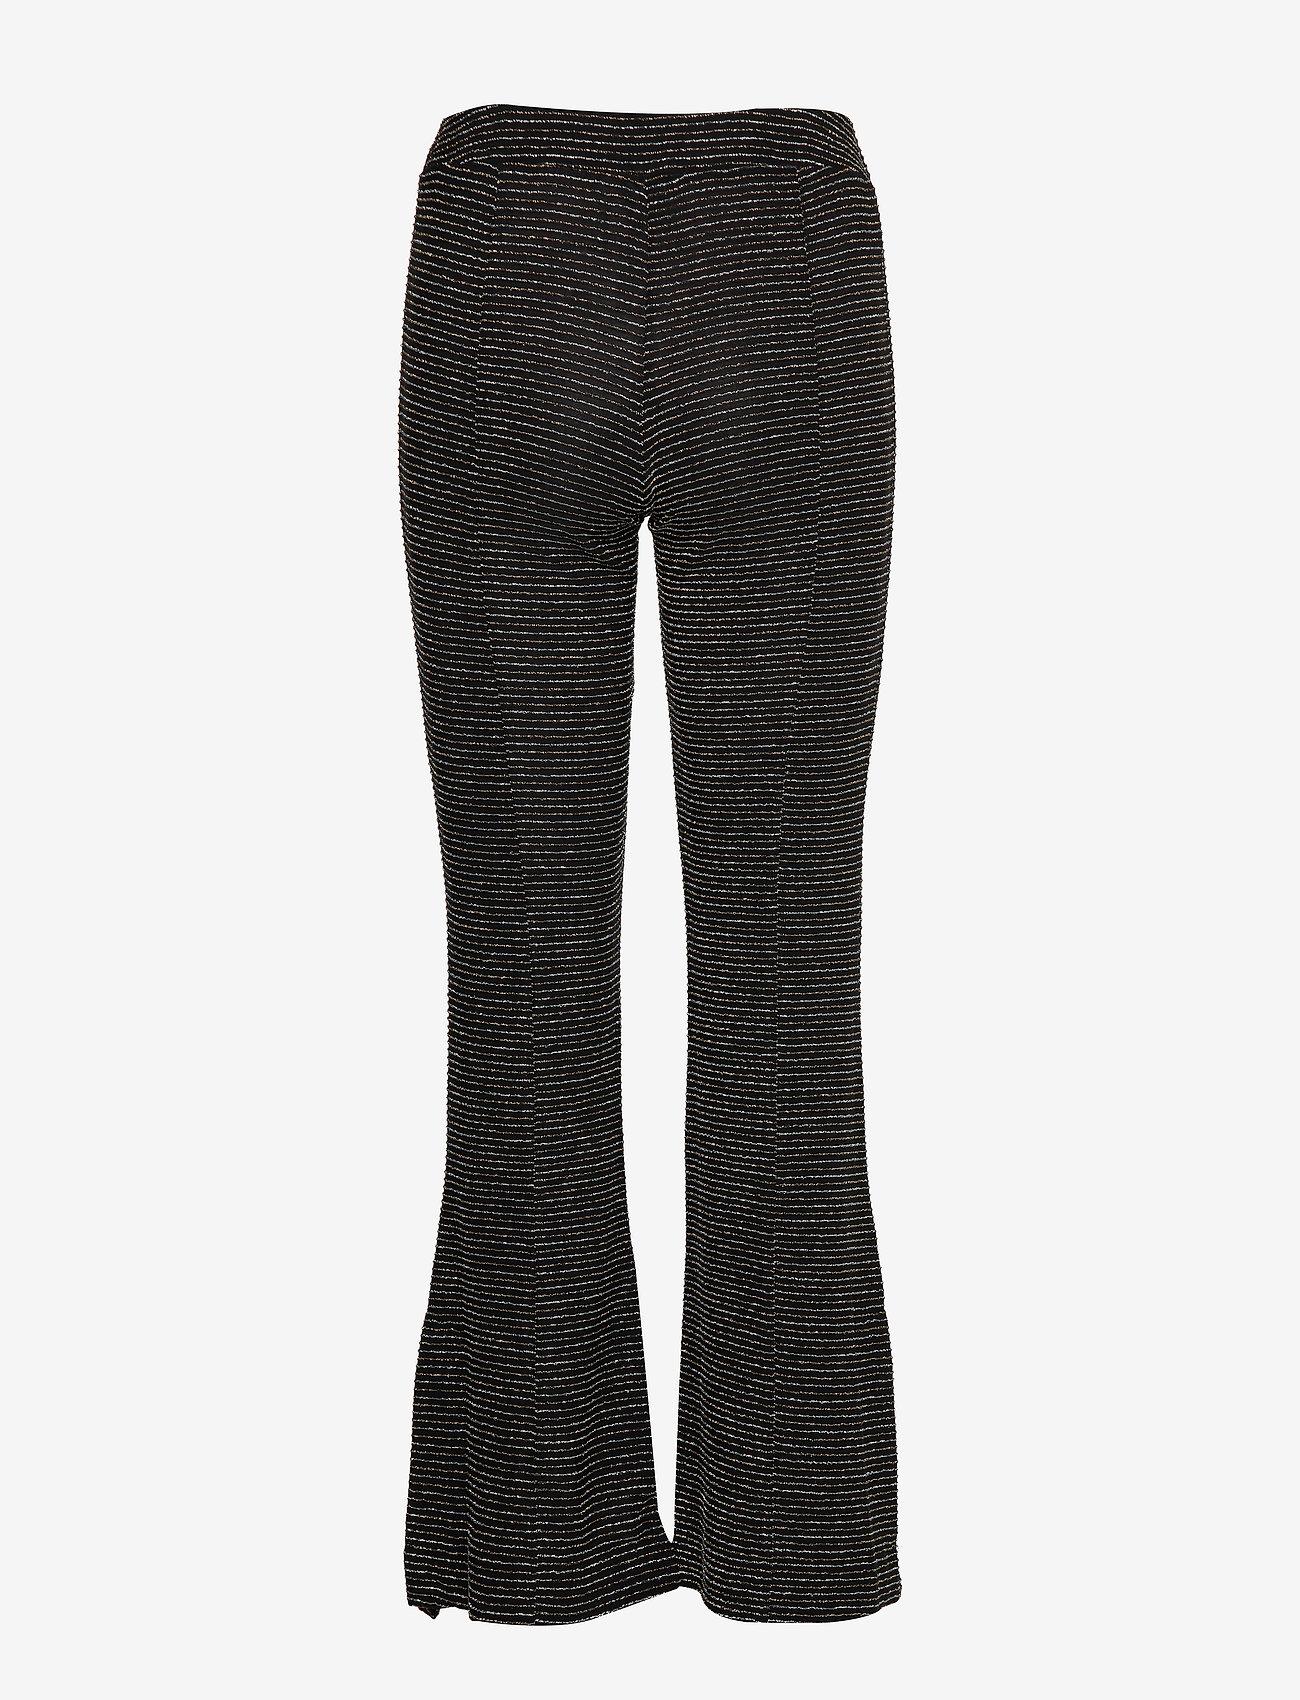 STINE GOYA Melanie, 772 Glitter Jersey - Spodnie BLACK - Kobiety Odzież.